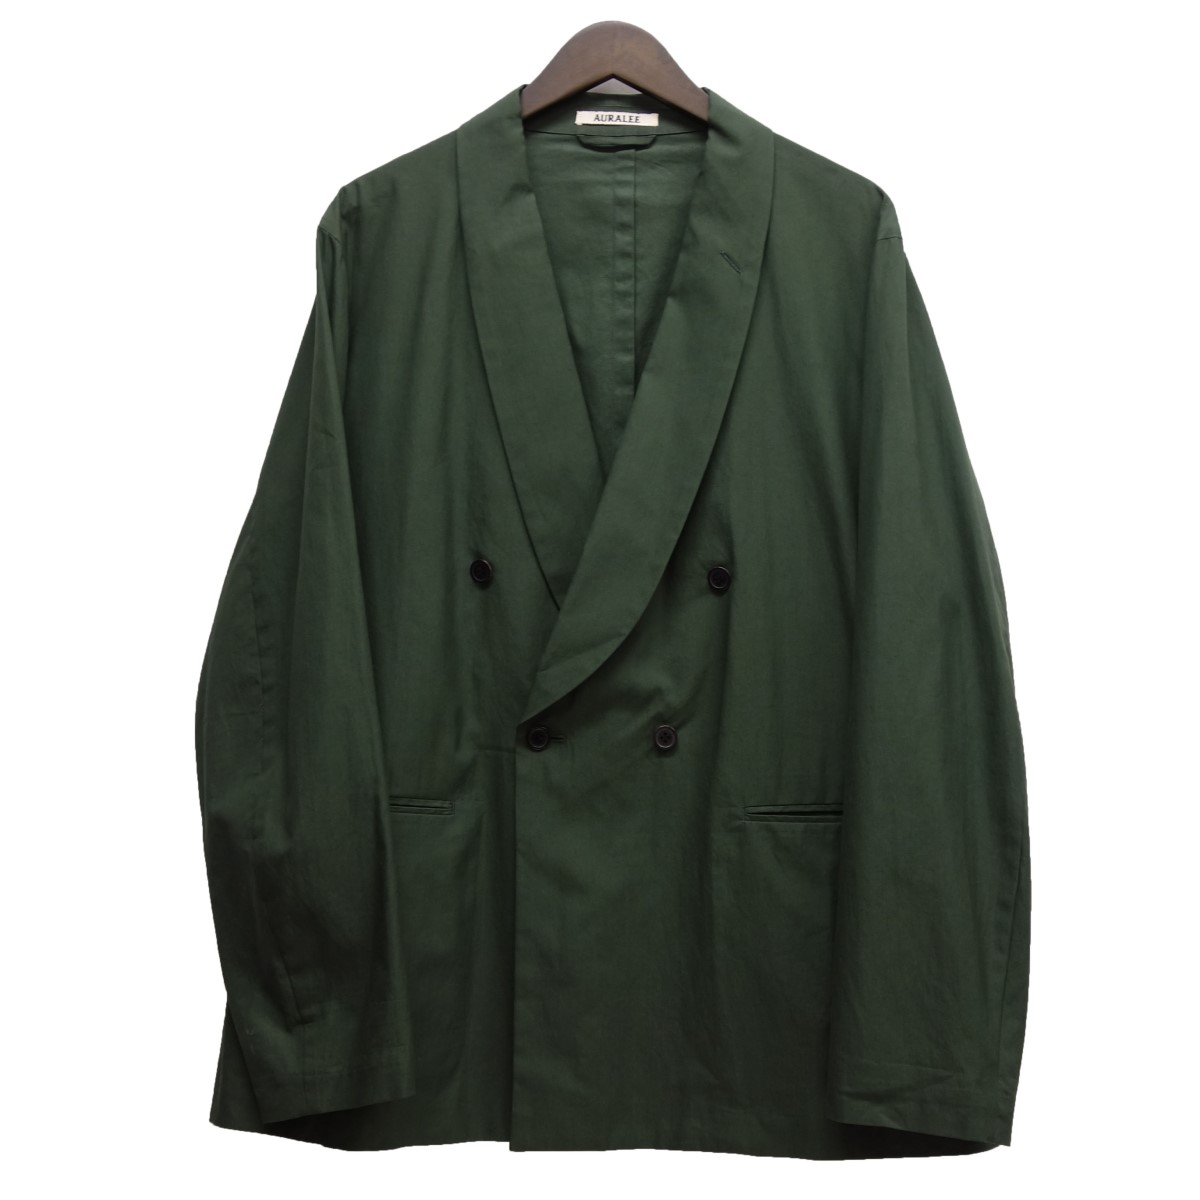 【中古】AURALEE 18SS「SHAWL COLLAR JACKET」ショールカラージャケット グリーン サイズ:4 【230420】(オーラリー)